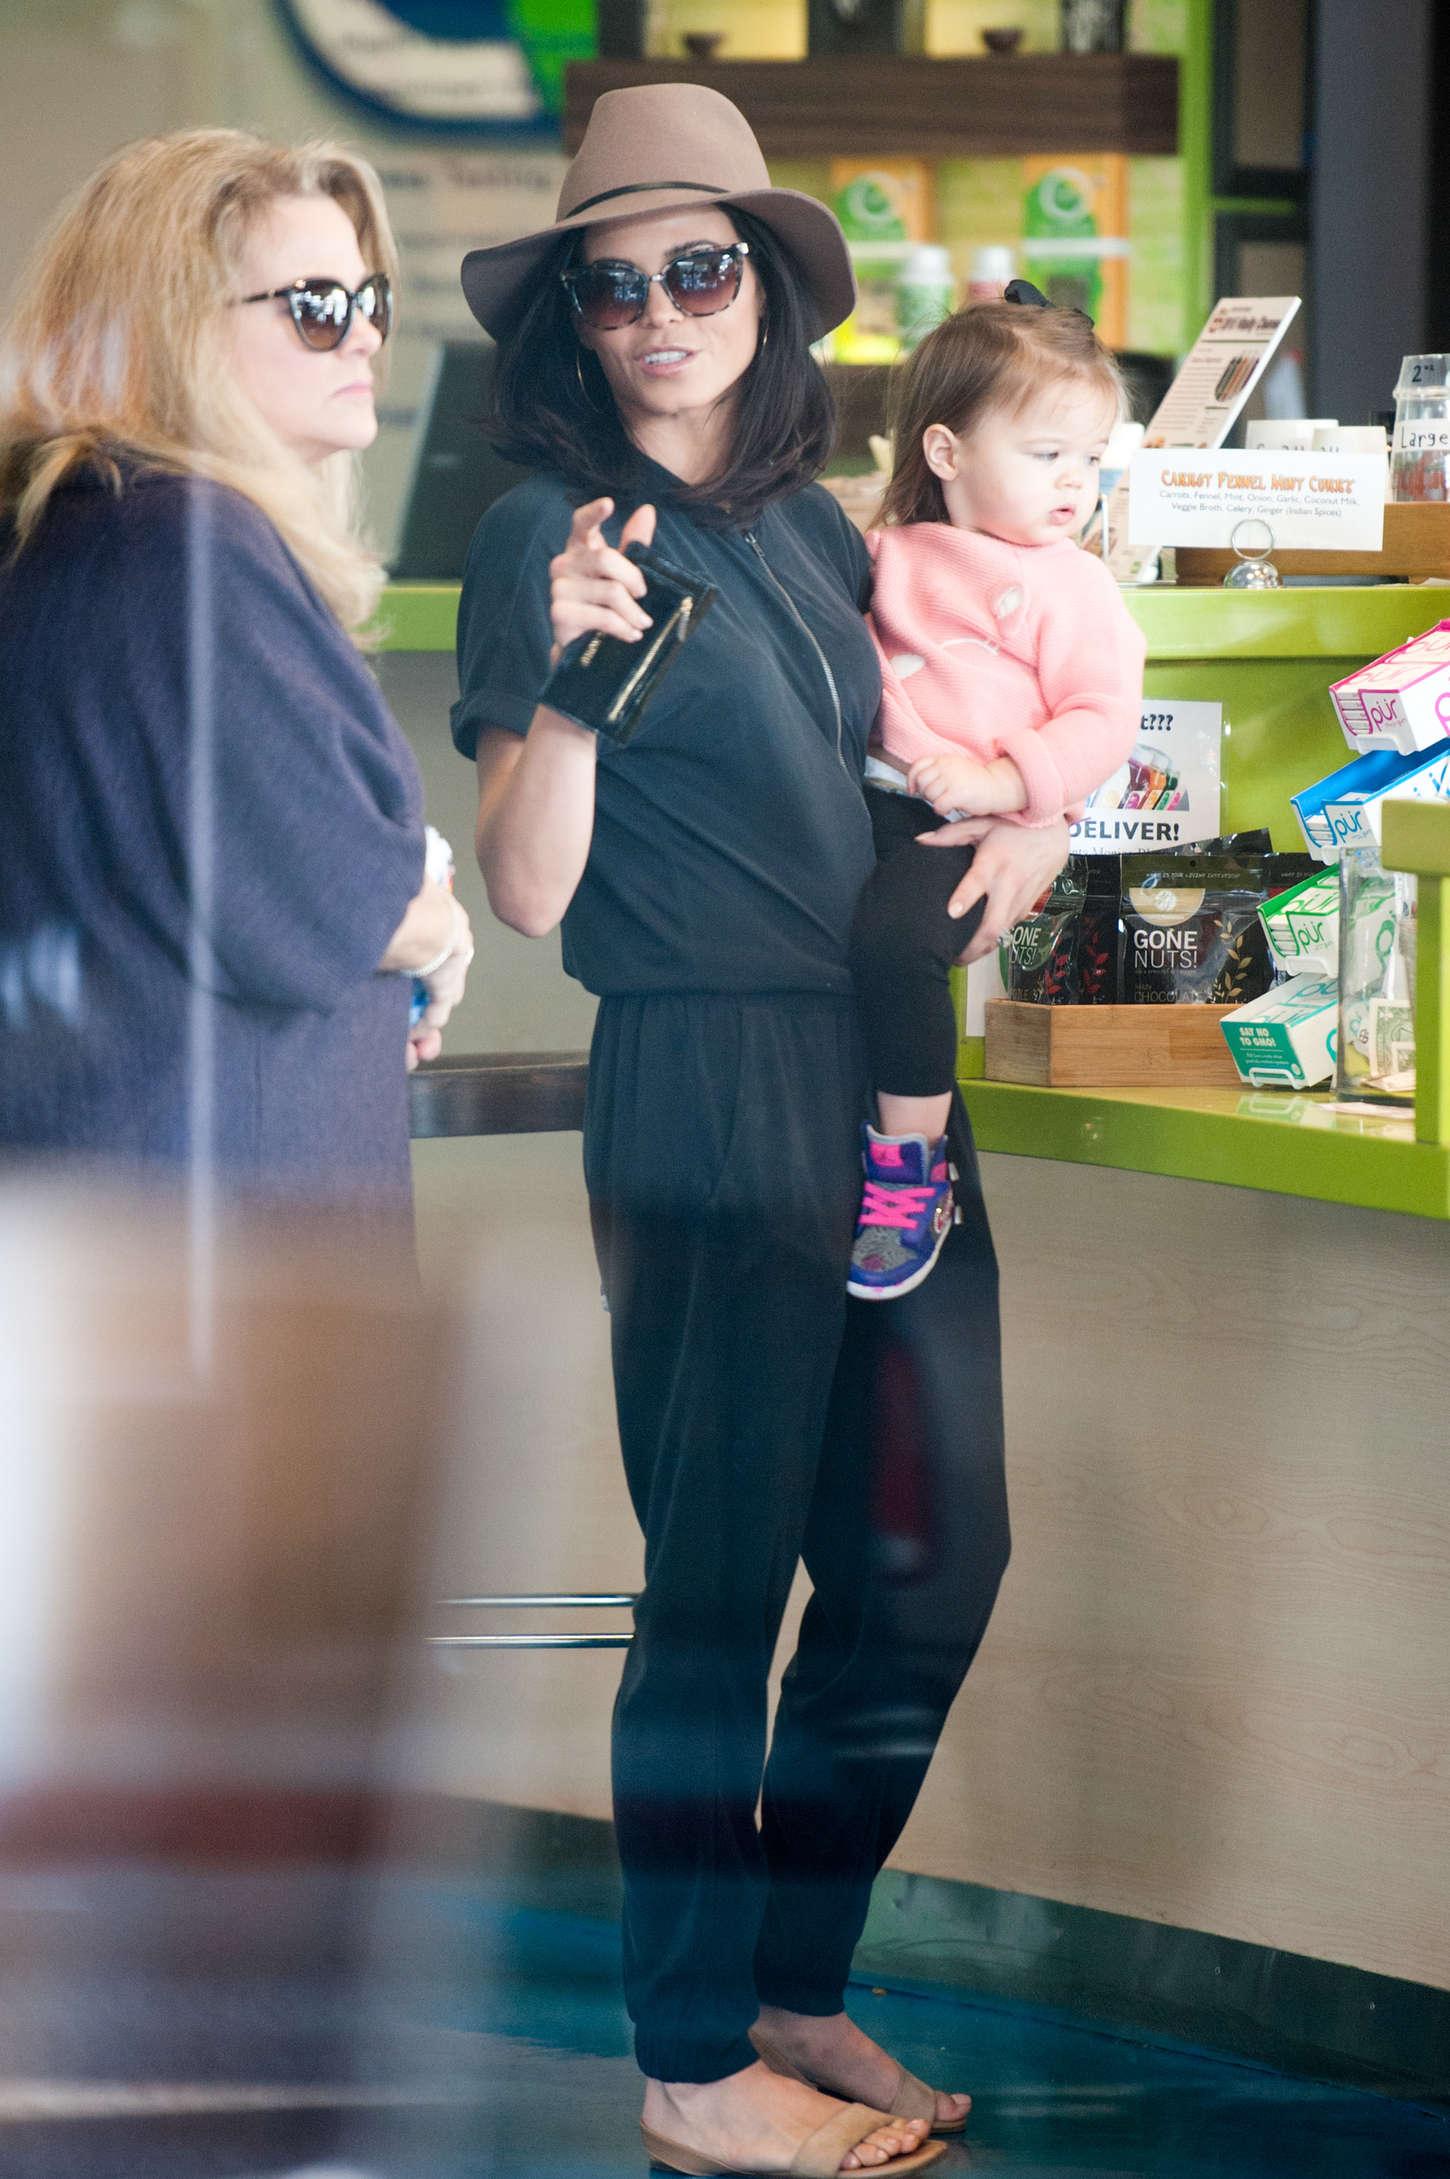 Jenna Dewan Tatum 2015 : Jenna Dewan Tatum Out in LA -01